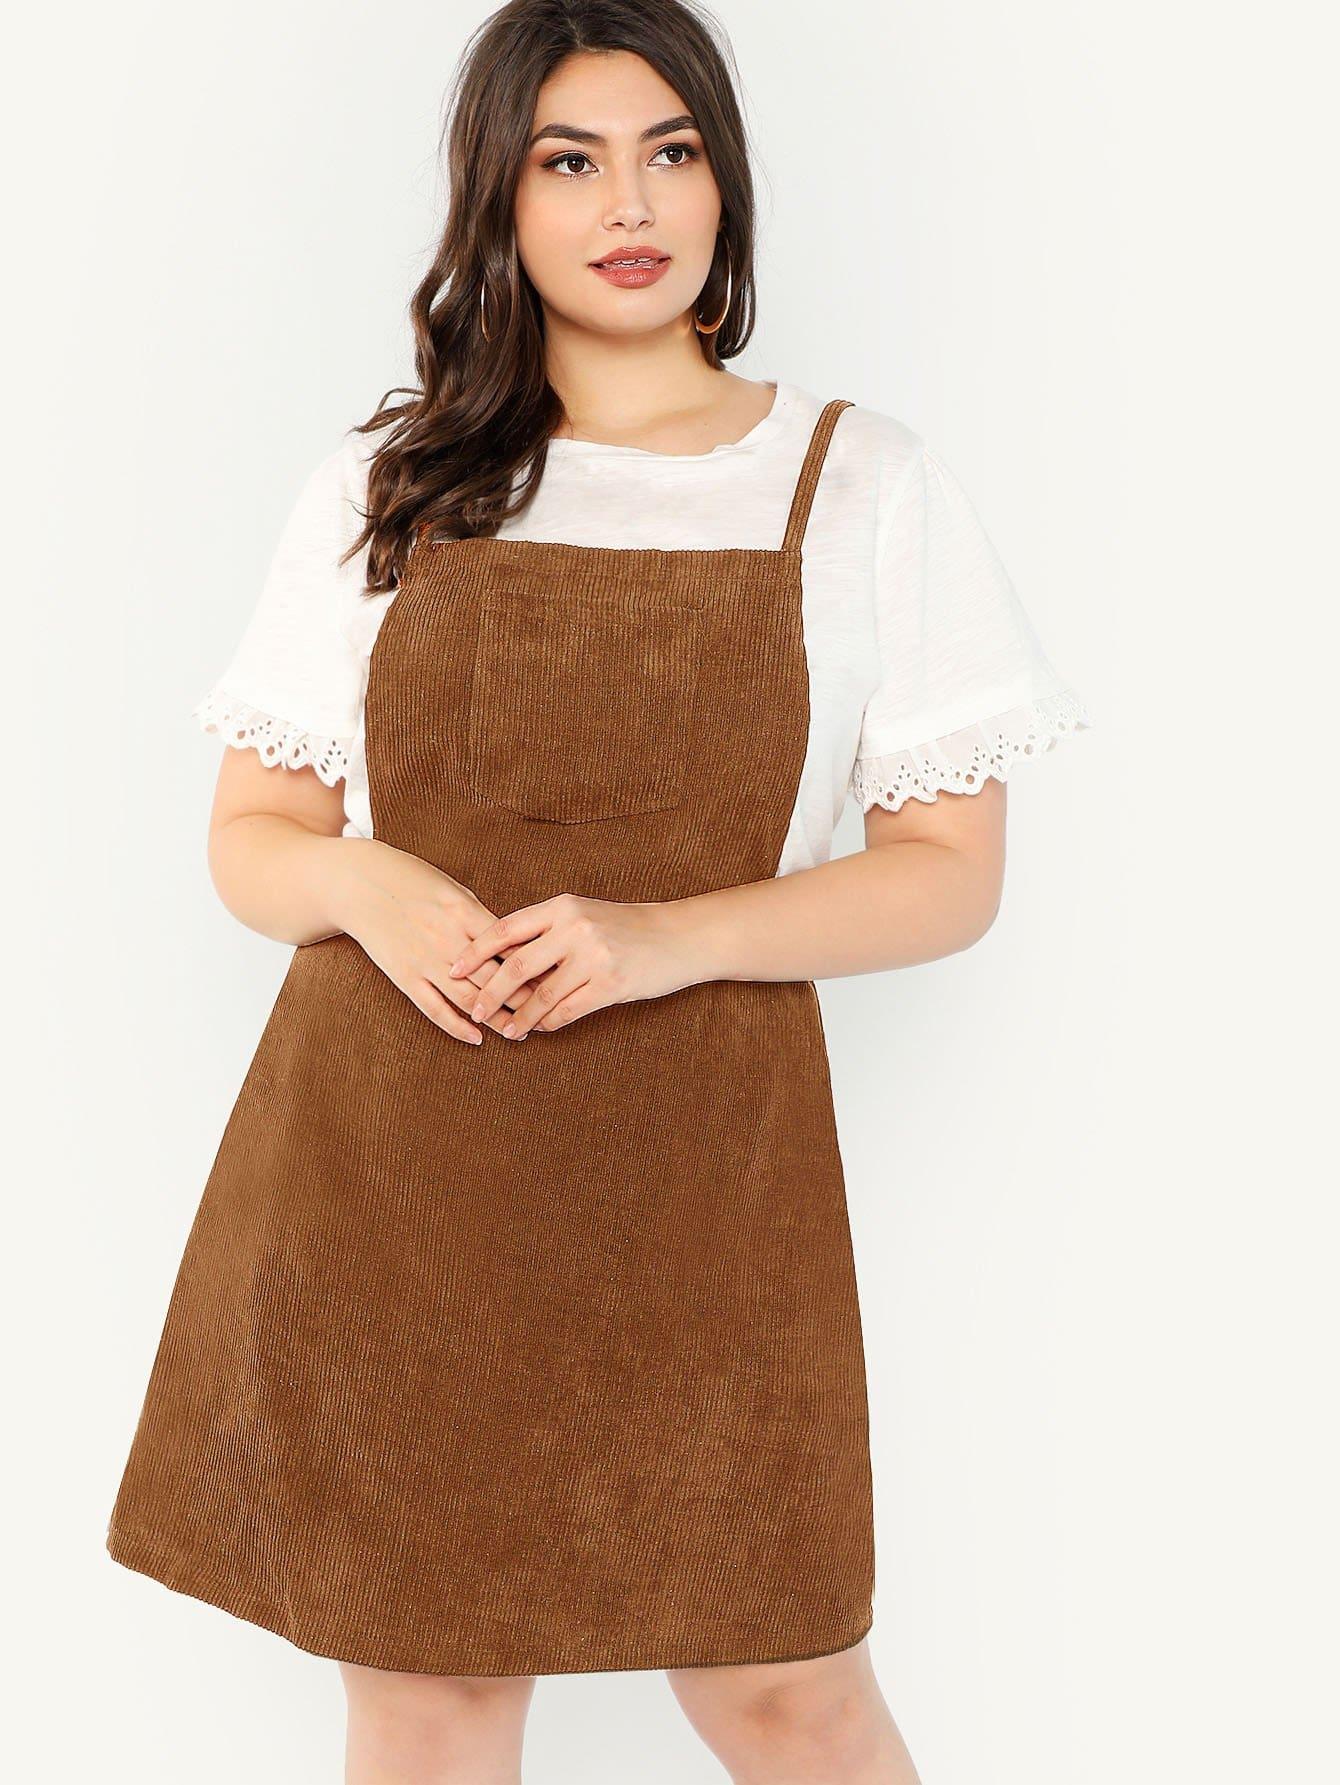 Однотонное платье с карманом размера плюс